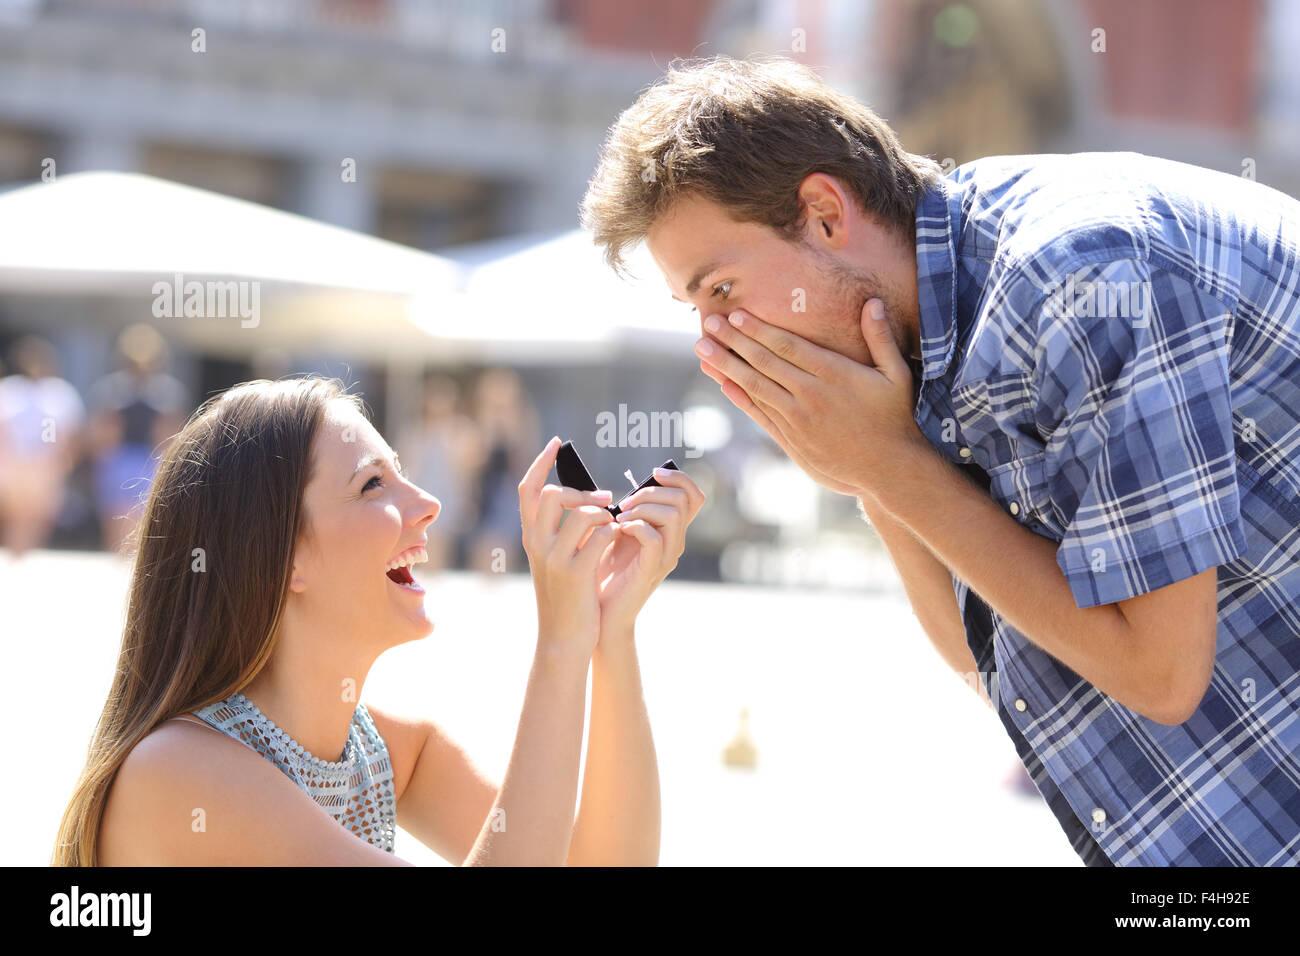 Proposta di una donna chiedendo a sposarsi con un uomo nel mezzo di una strada Immagini Stock